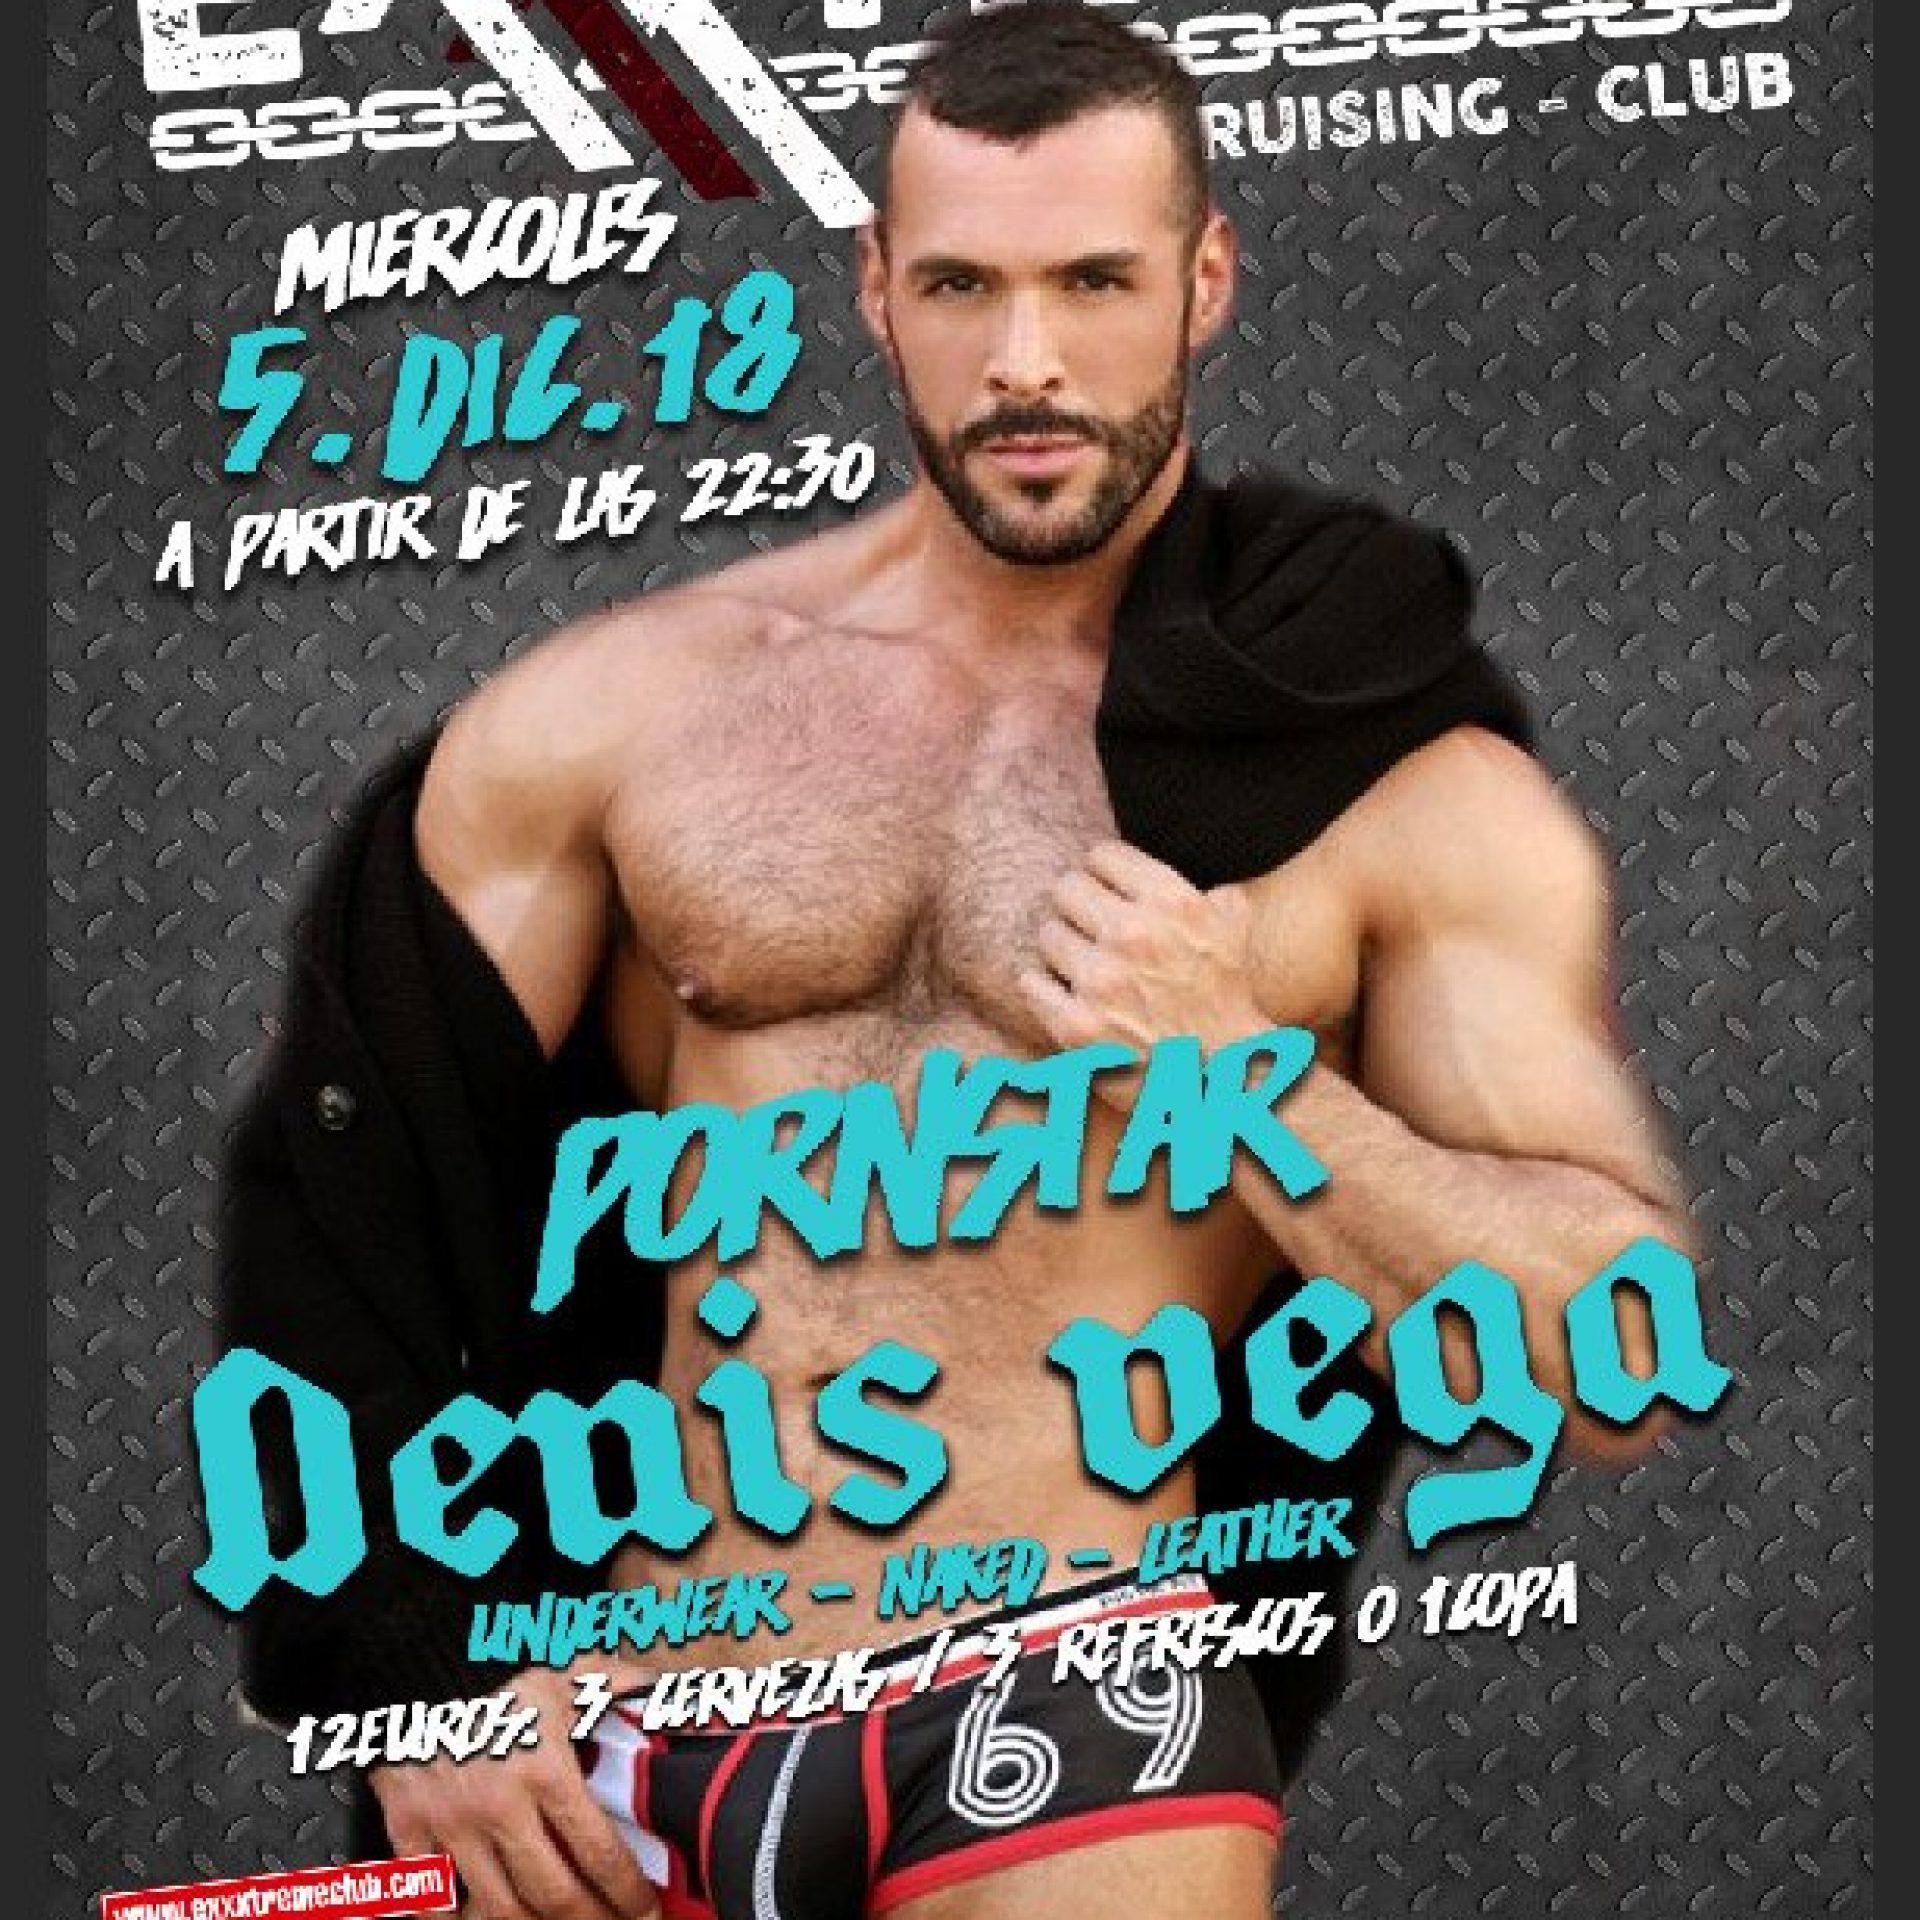 Denis Vega el 5 de diciembre en exxxtreme club